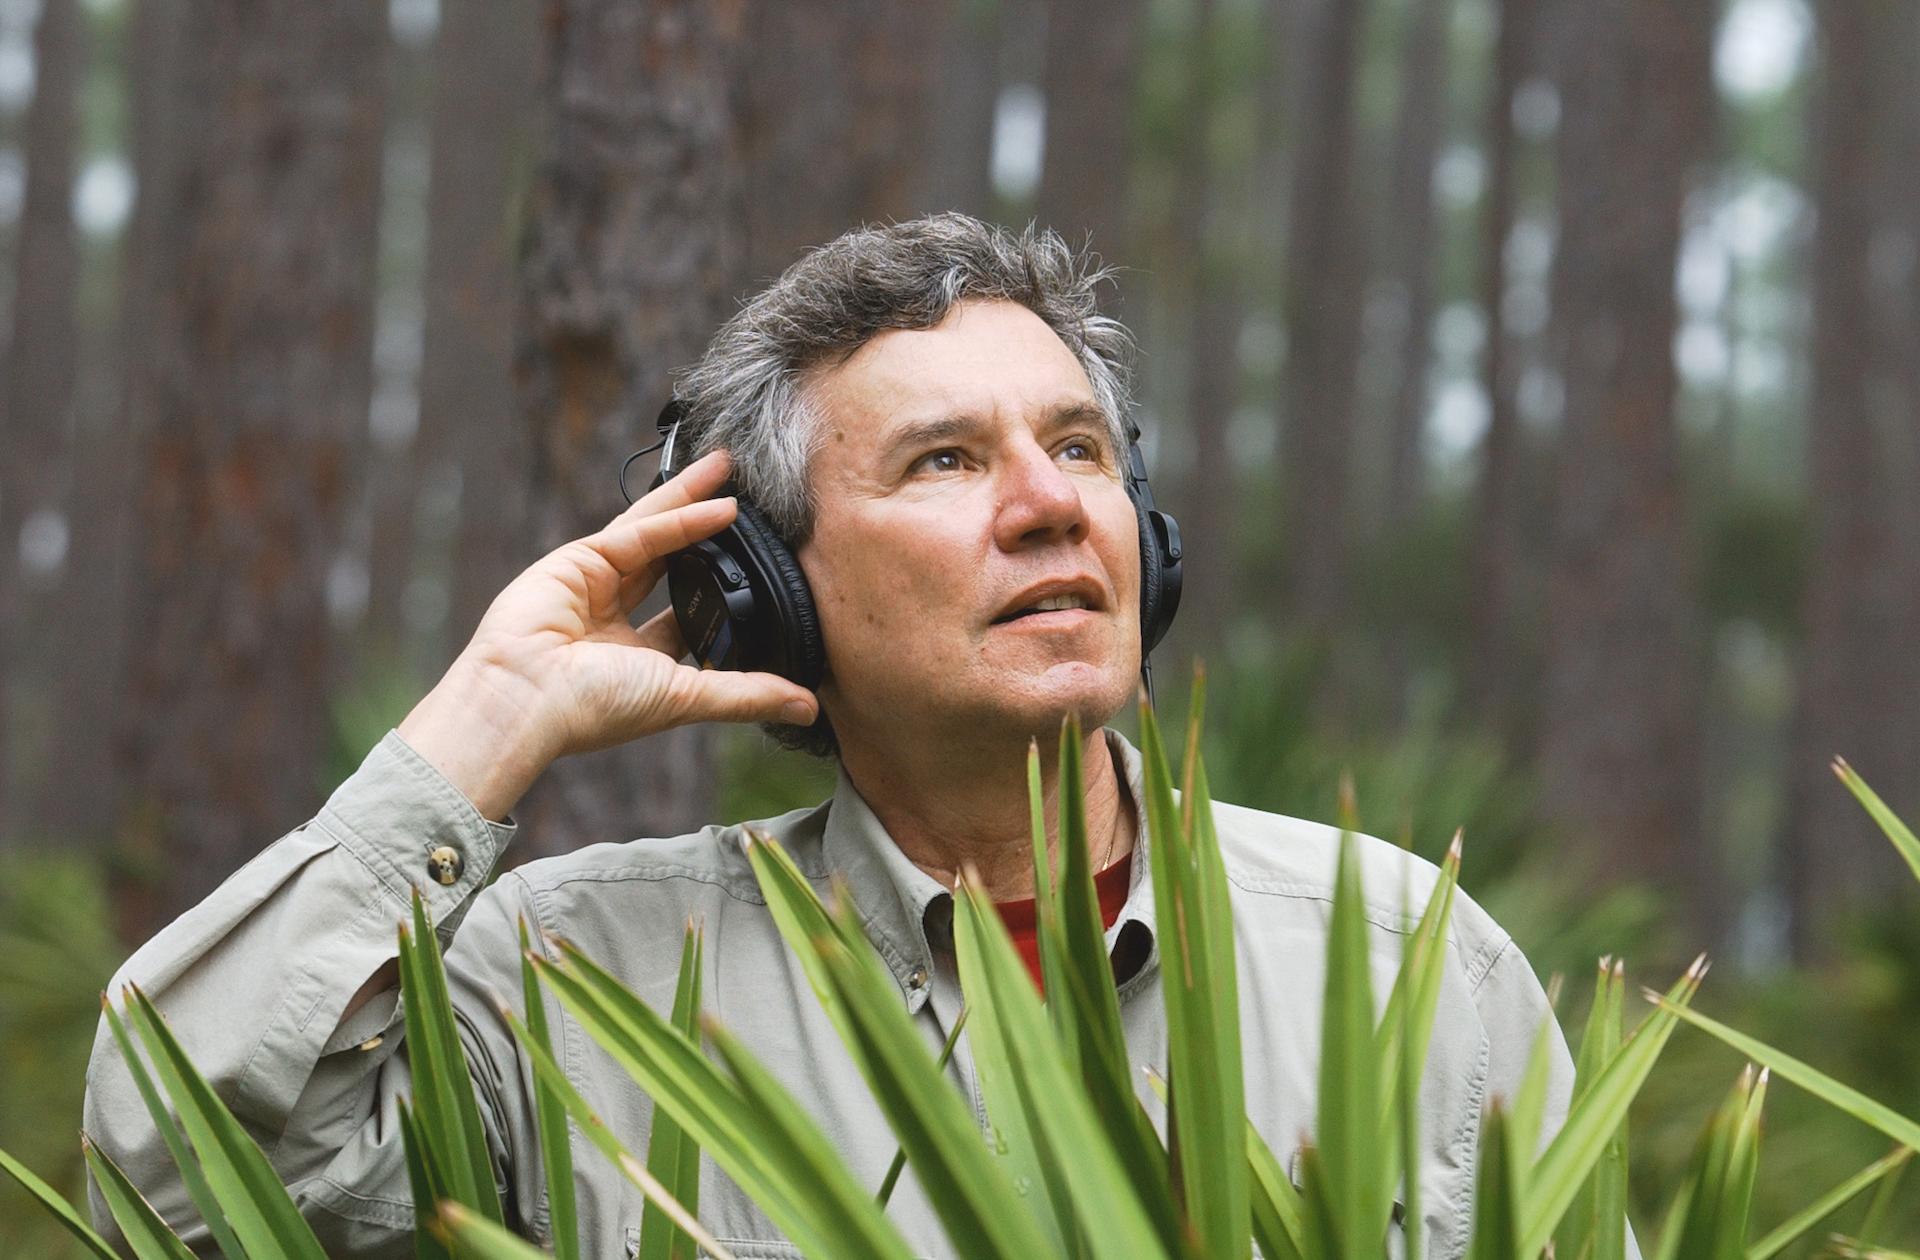 アリの歌声、イソギンチャクの独り言。2,000の生息地で録った1万5000種のサウンド。自然界の音から聞く世界の変化